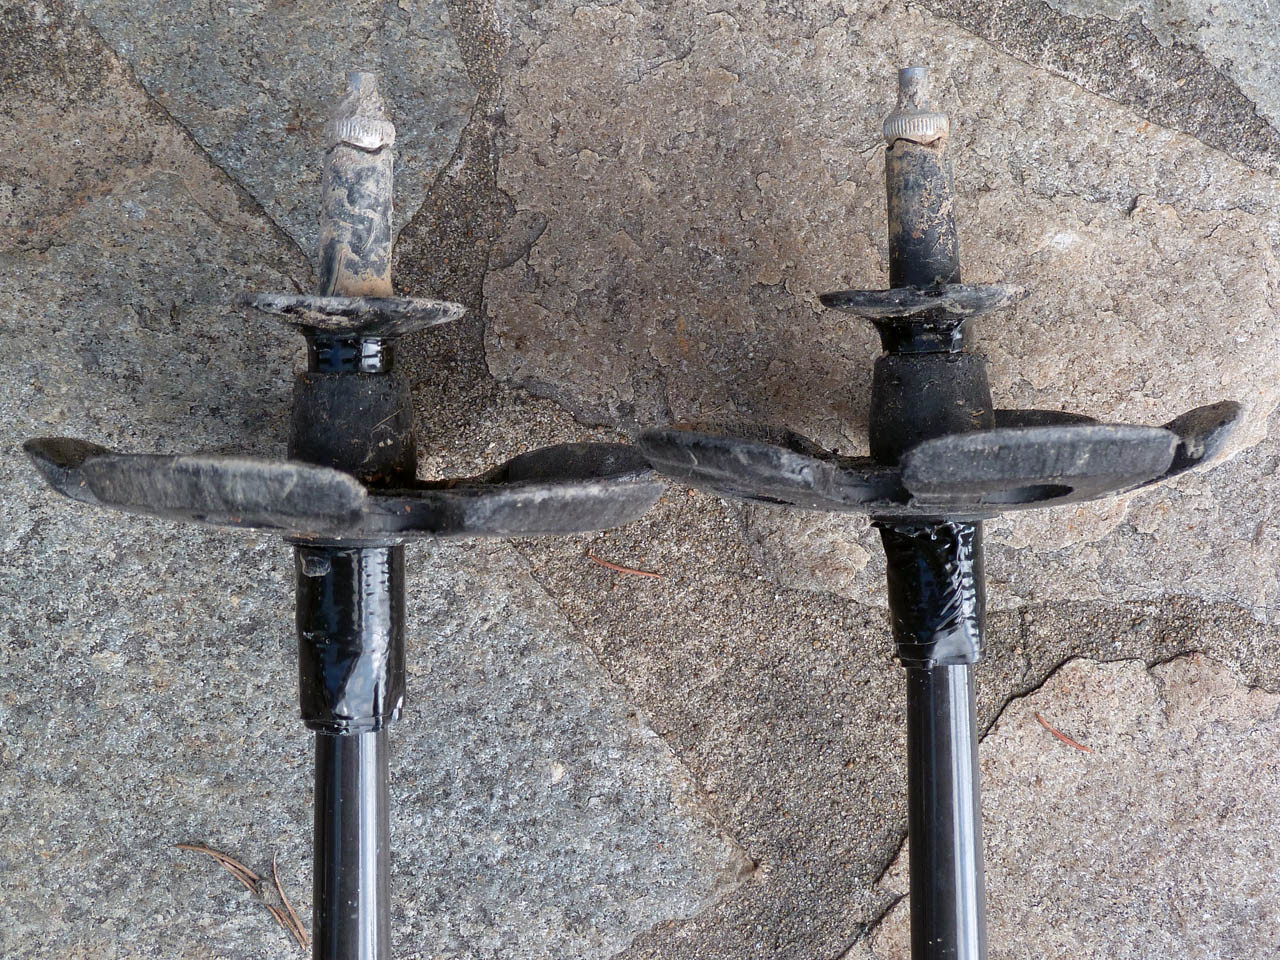 Bâtons Ultra Distance (Black Diamond) : Adaptation rondelles larges pour la neige